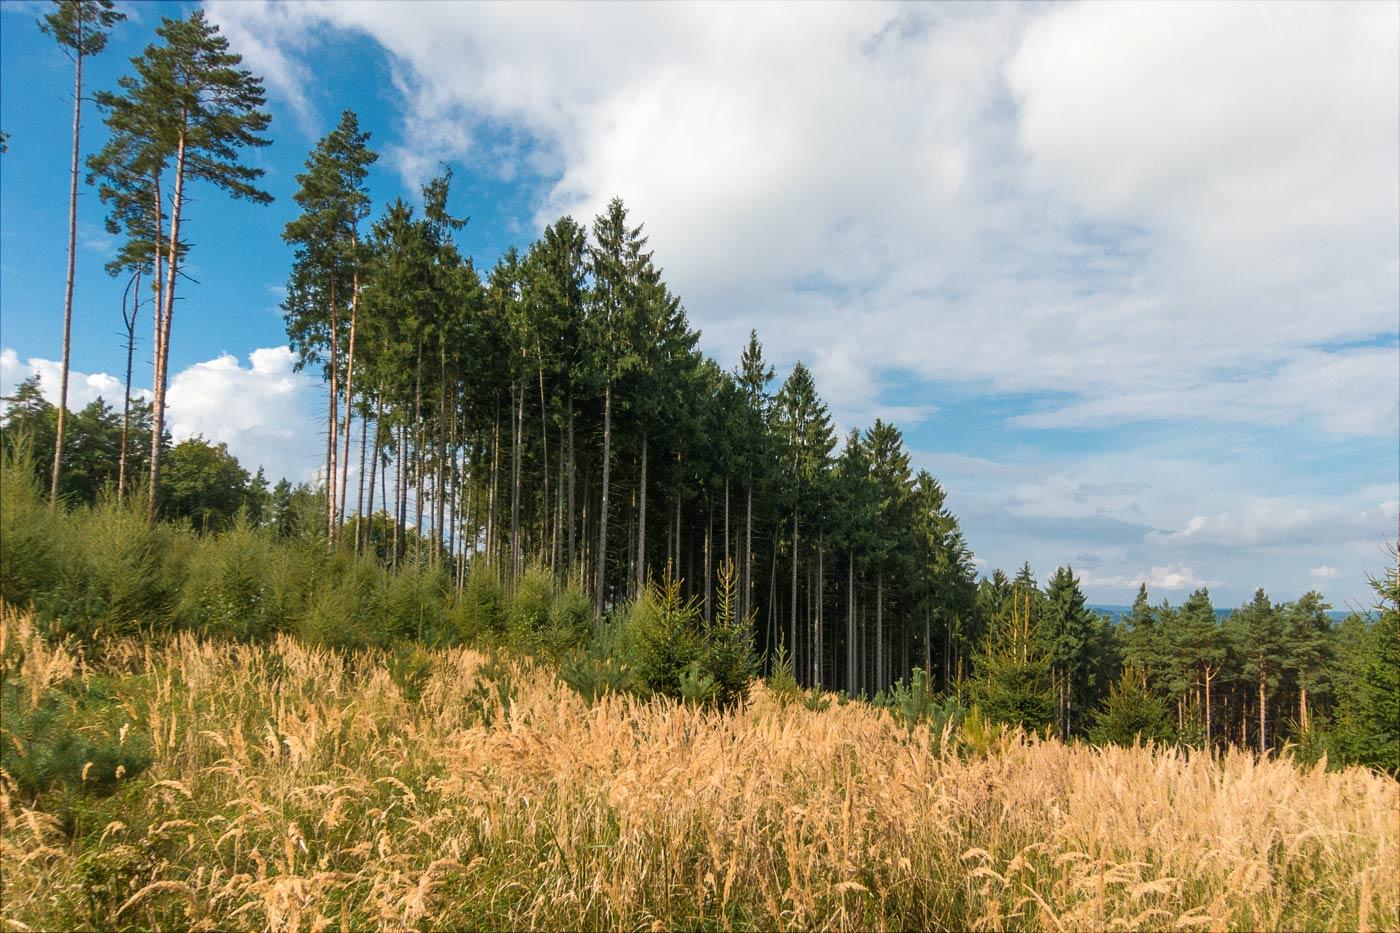 Поход за грибами, край леса